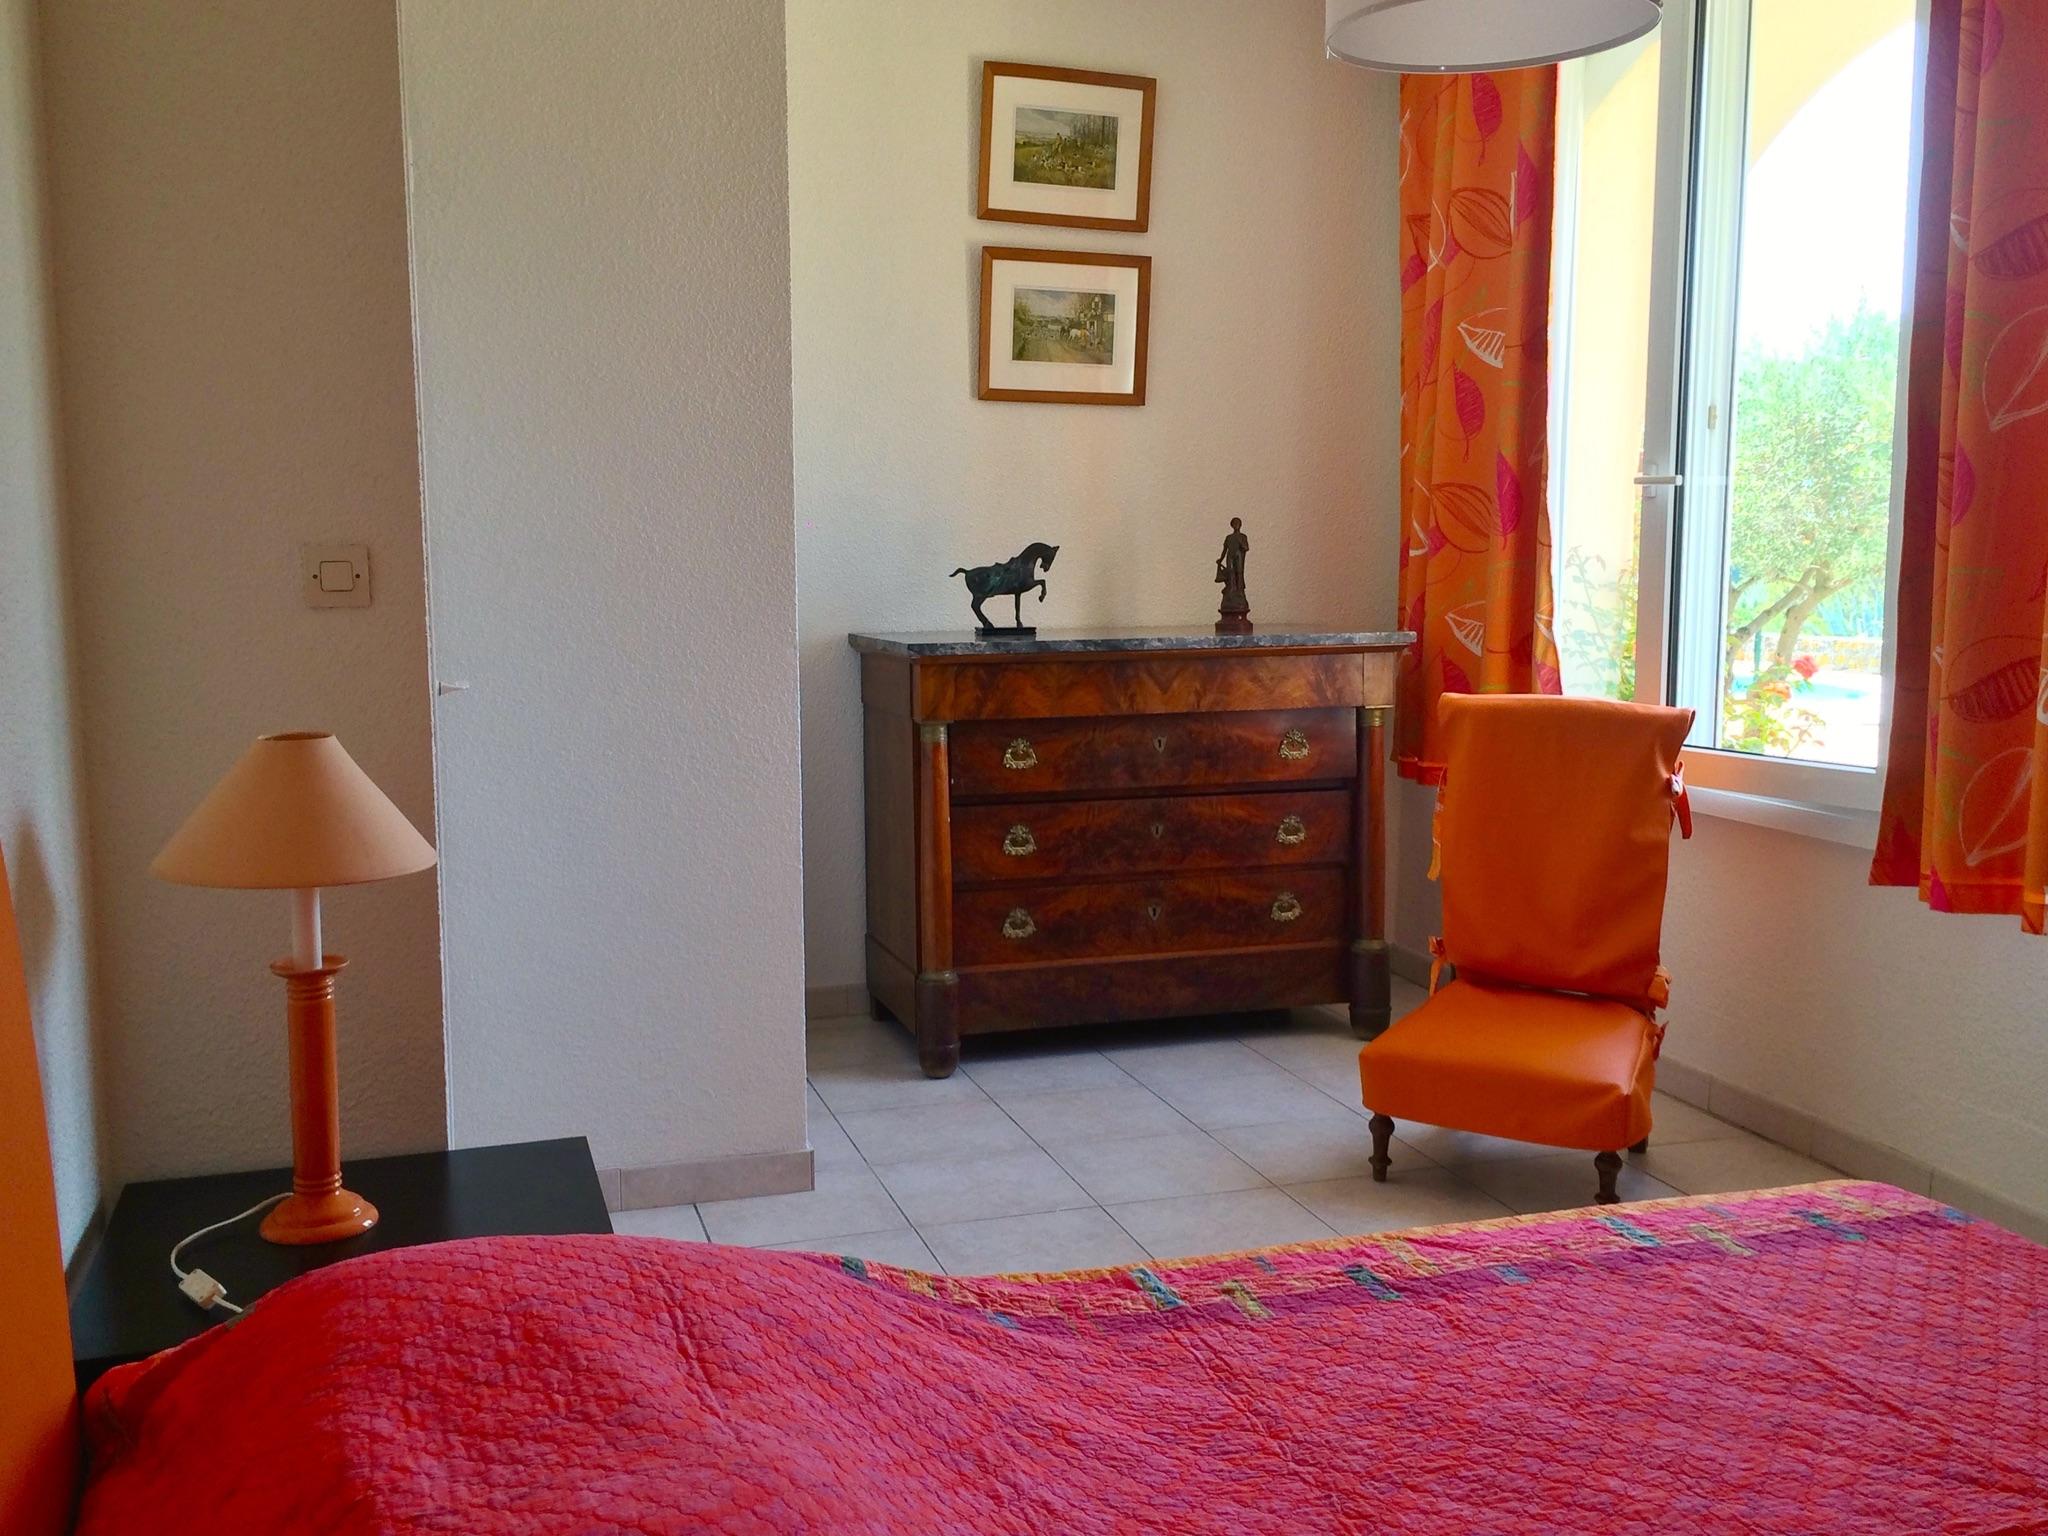 Ferienhaus Charaktervolles Haus in Hérault mit Pool und Garten (2201003), Portiragnes, Mittelmeerküste Hérault, Languedoc-Roussillon, Frankreich, Bild 12